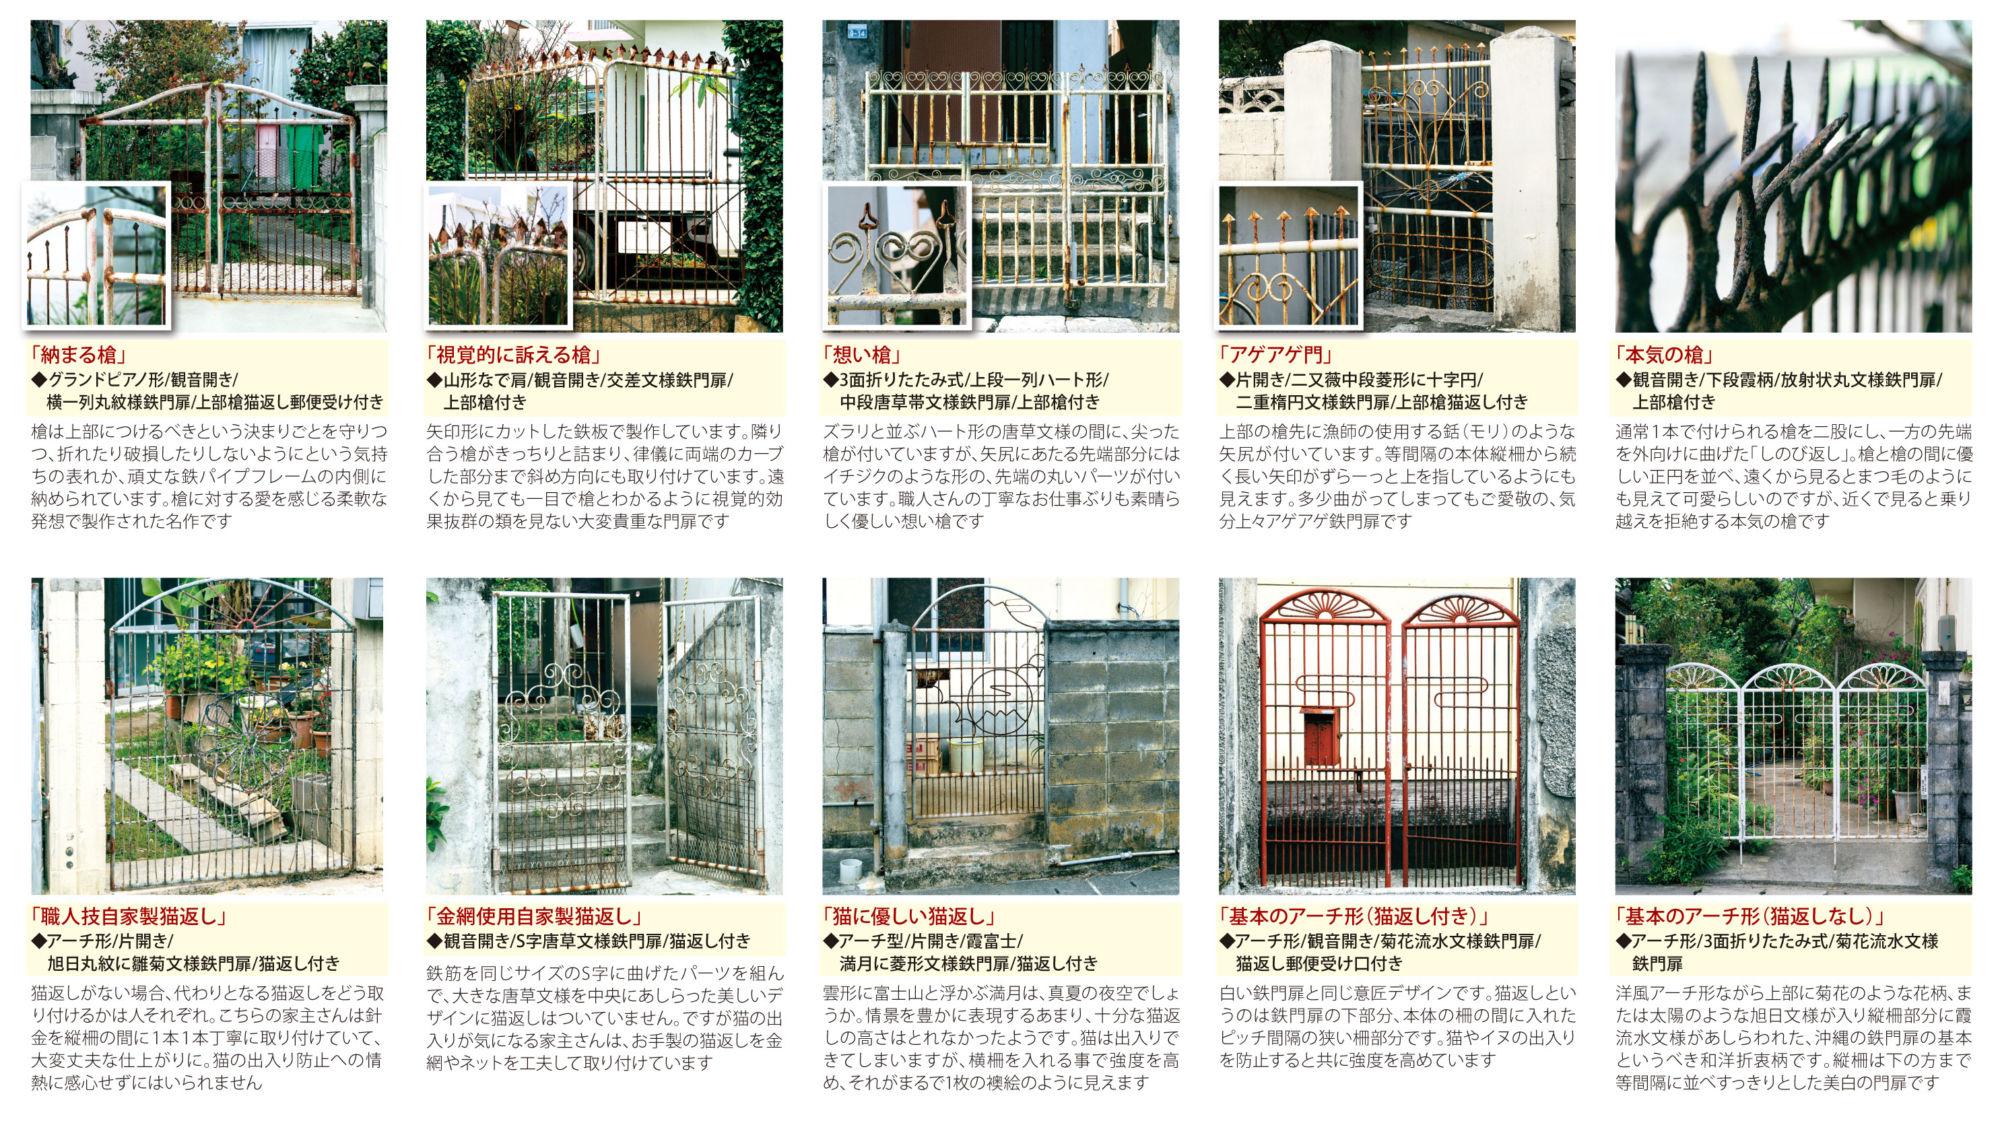 沖縄島建築 インサイドストーリー Episode1  沖縄住宅の顔 鉄門扉